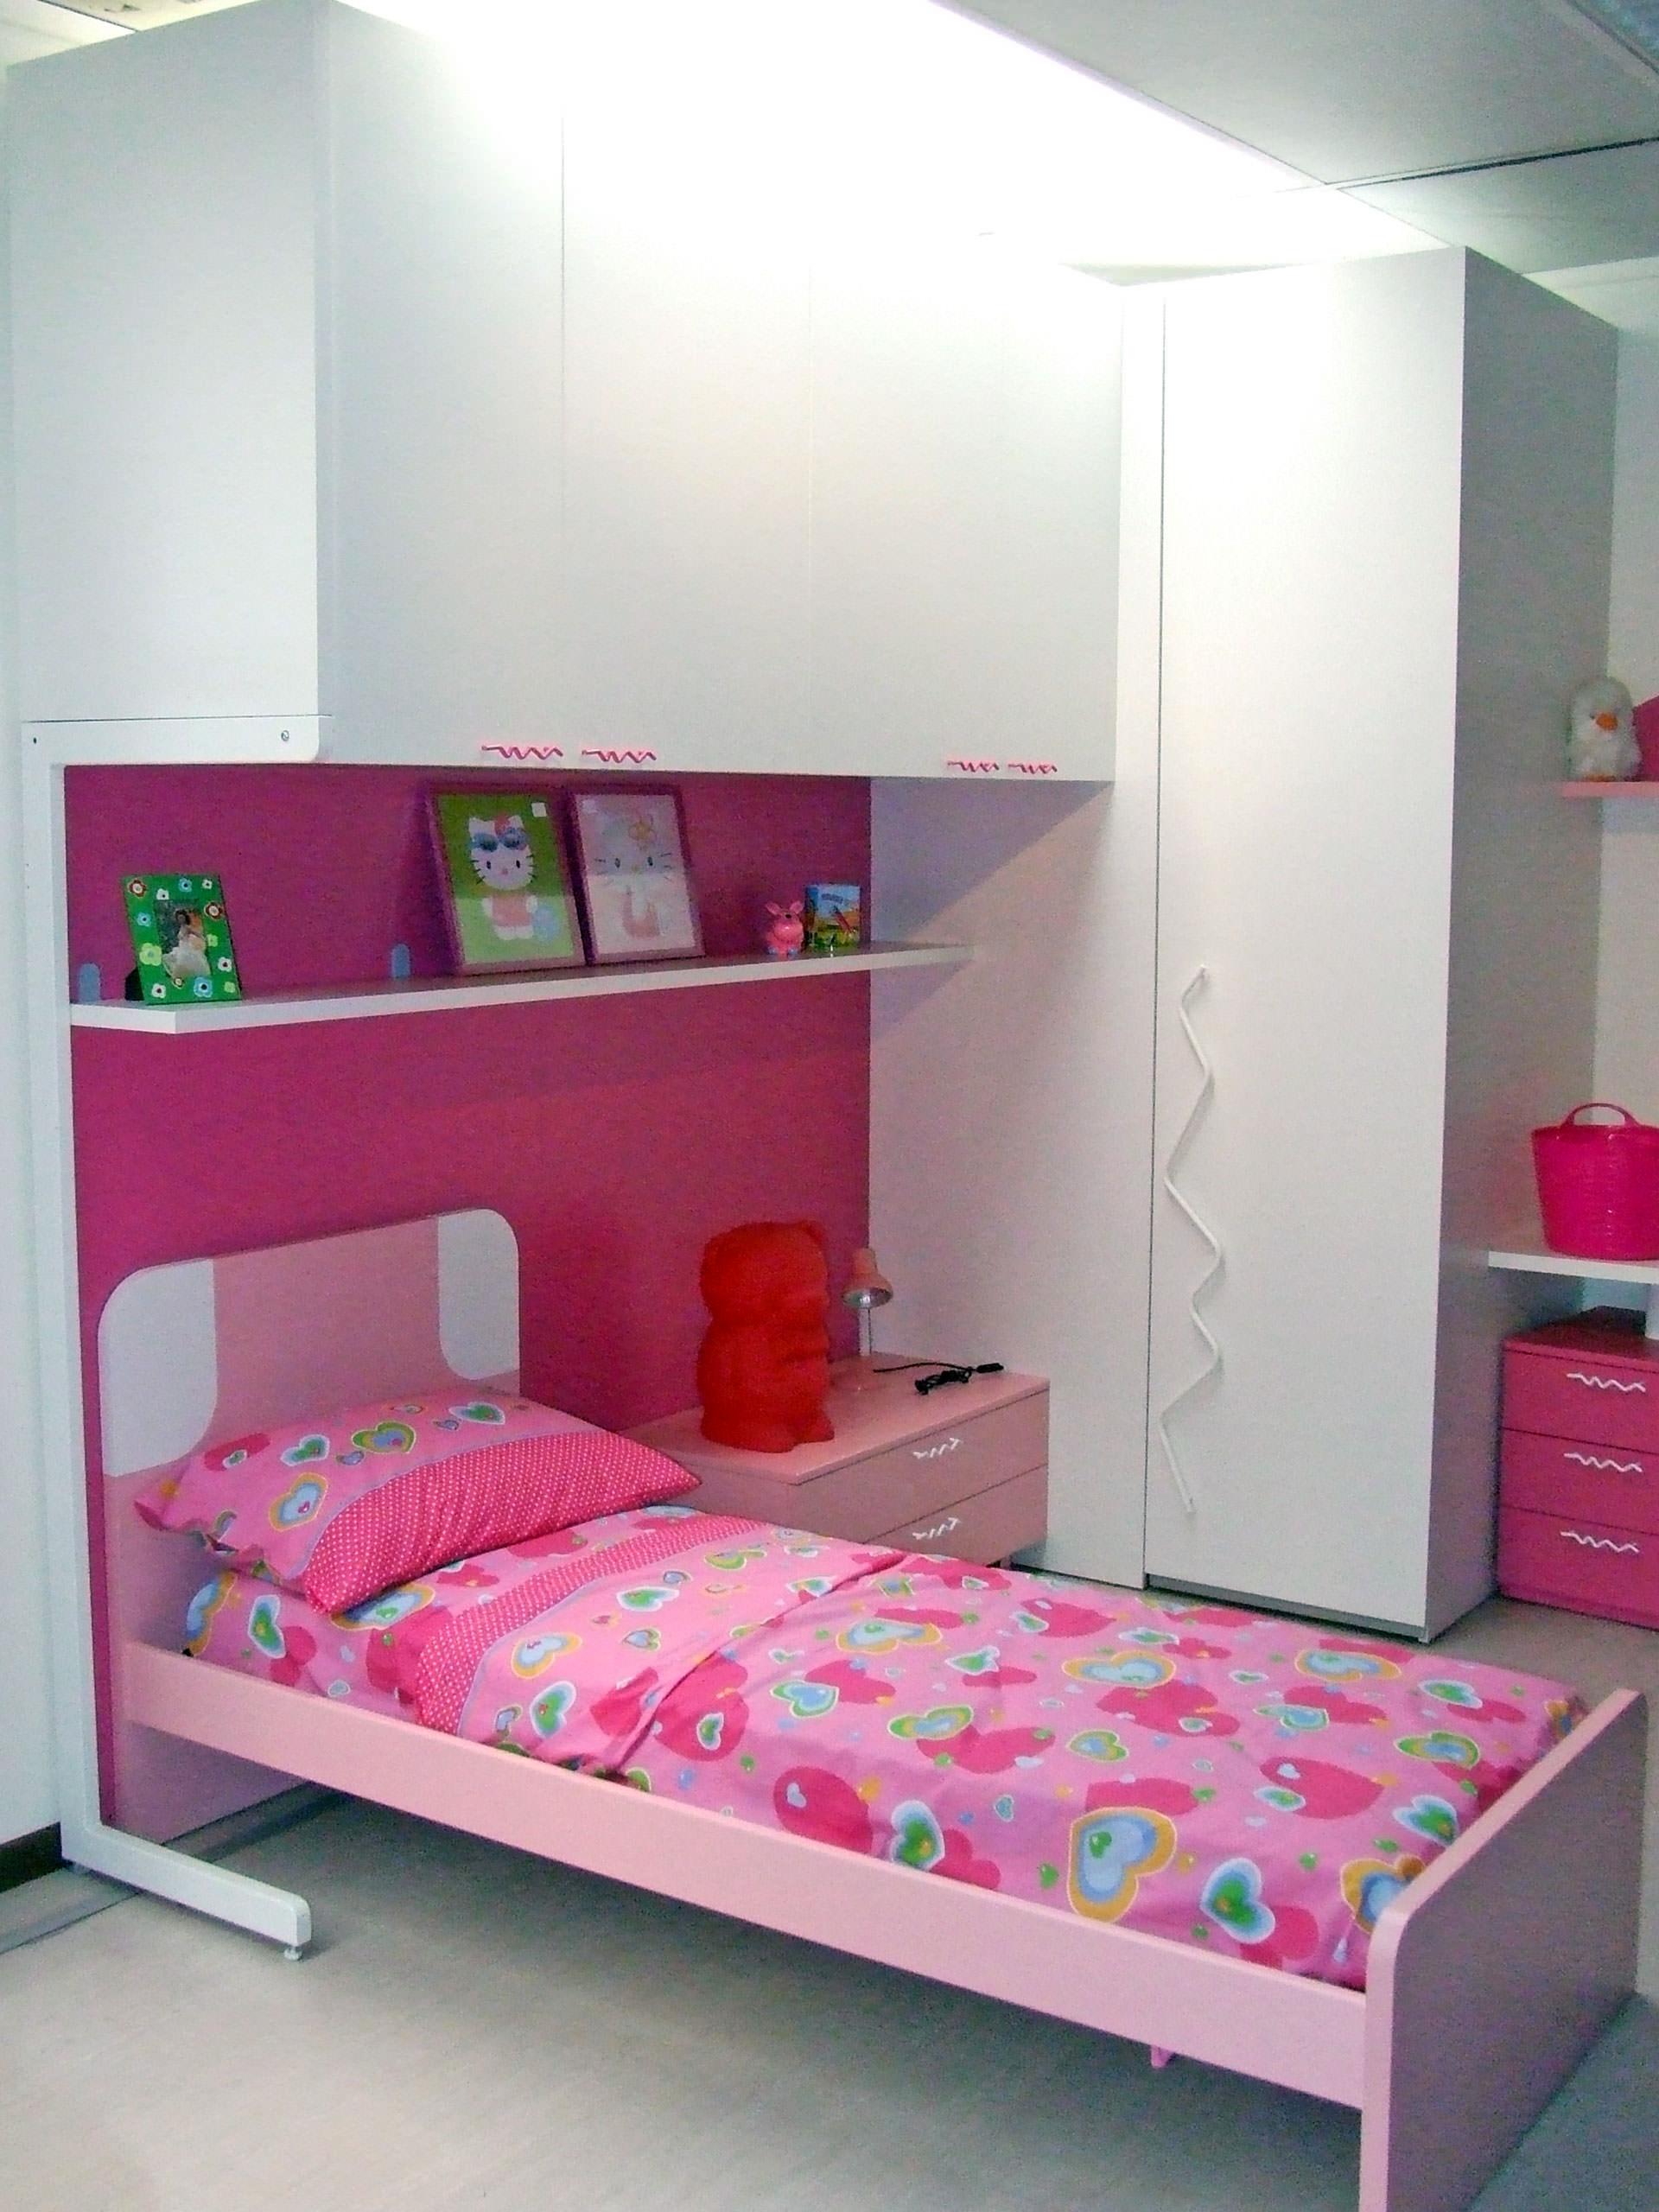 Camerette Fucsia: Lampada a soffitto plafoniera in plexiglass per camerette bambini. Cameretta a ...